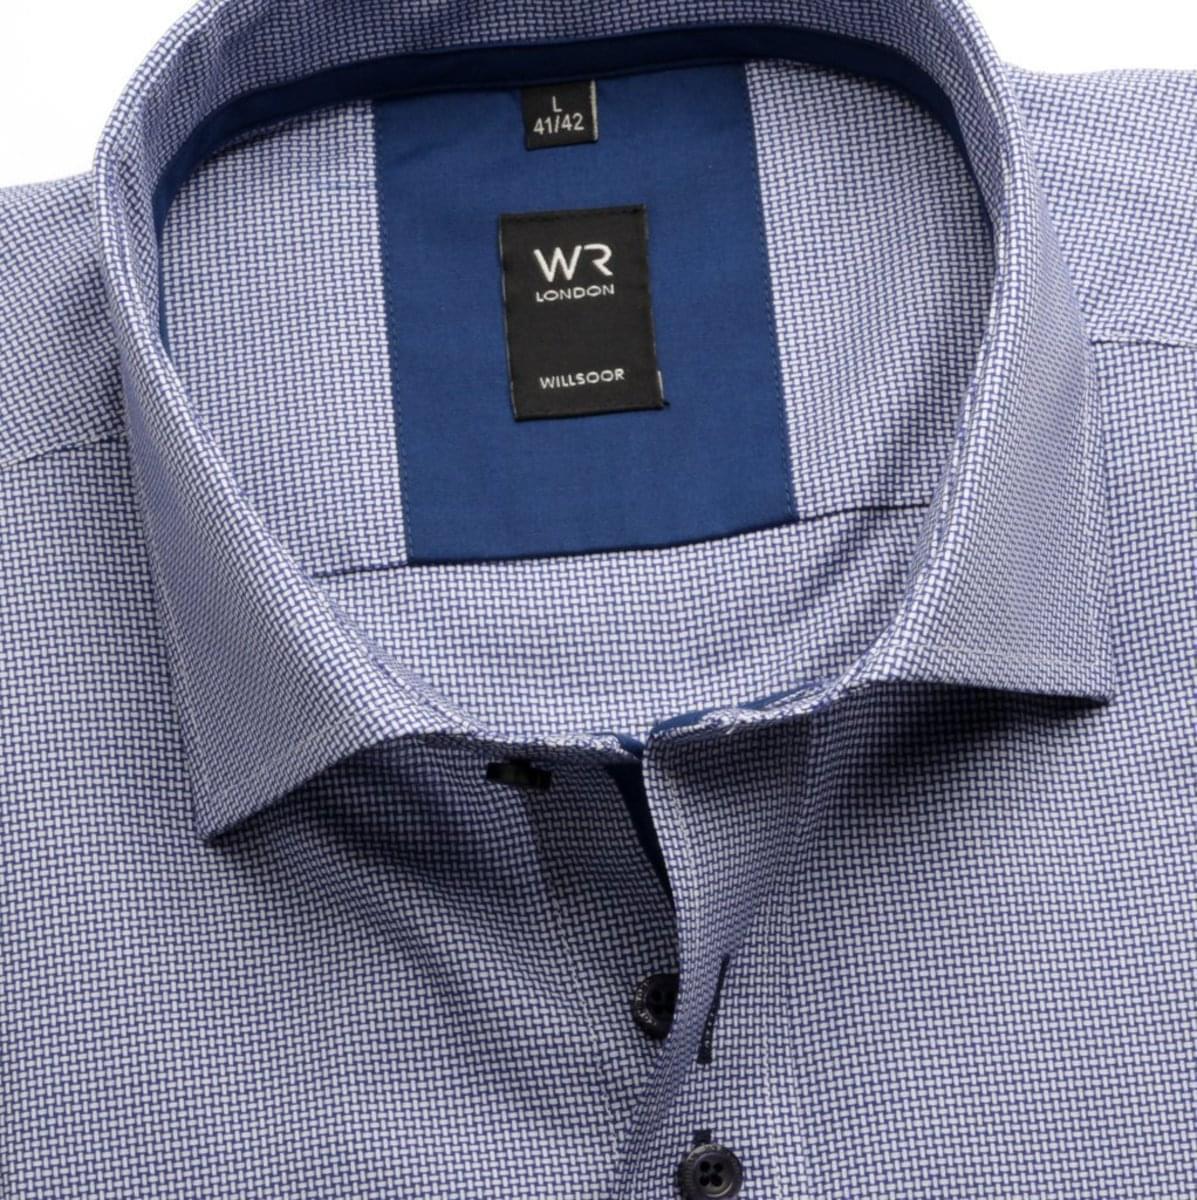 Košile WR London (výška 176-182)4065 176-182 / XL (43/44)